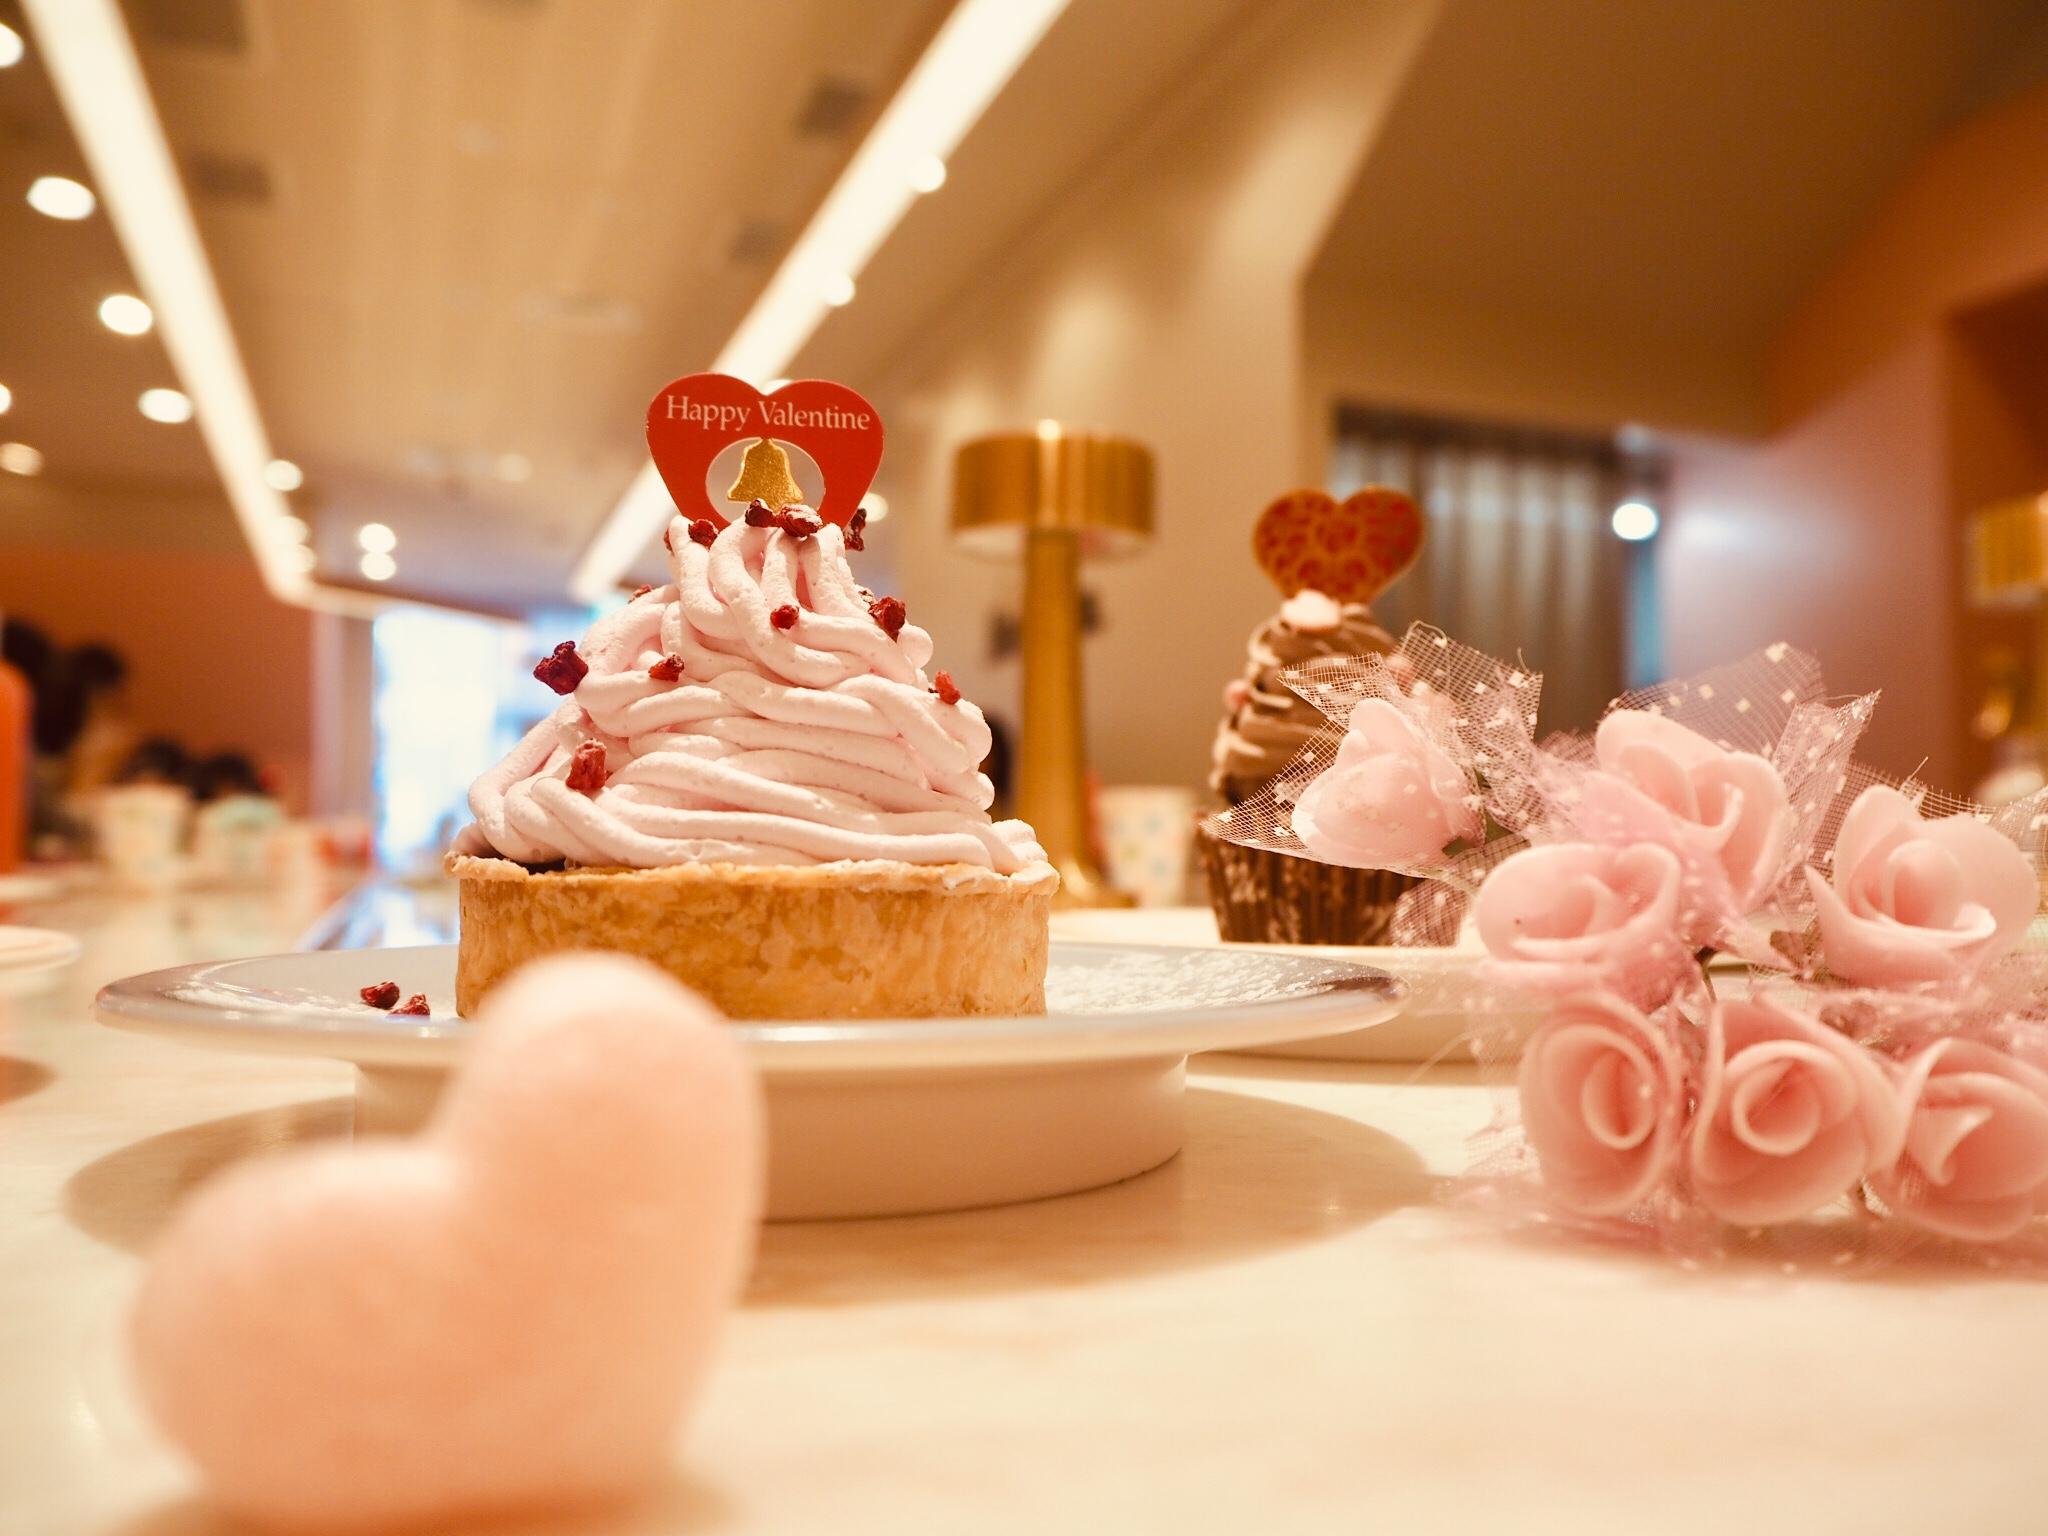 【cafe RON RON】回転スイーツカフェはバレンタインメニューもかわいい!_3